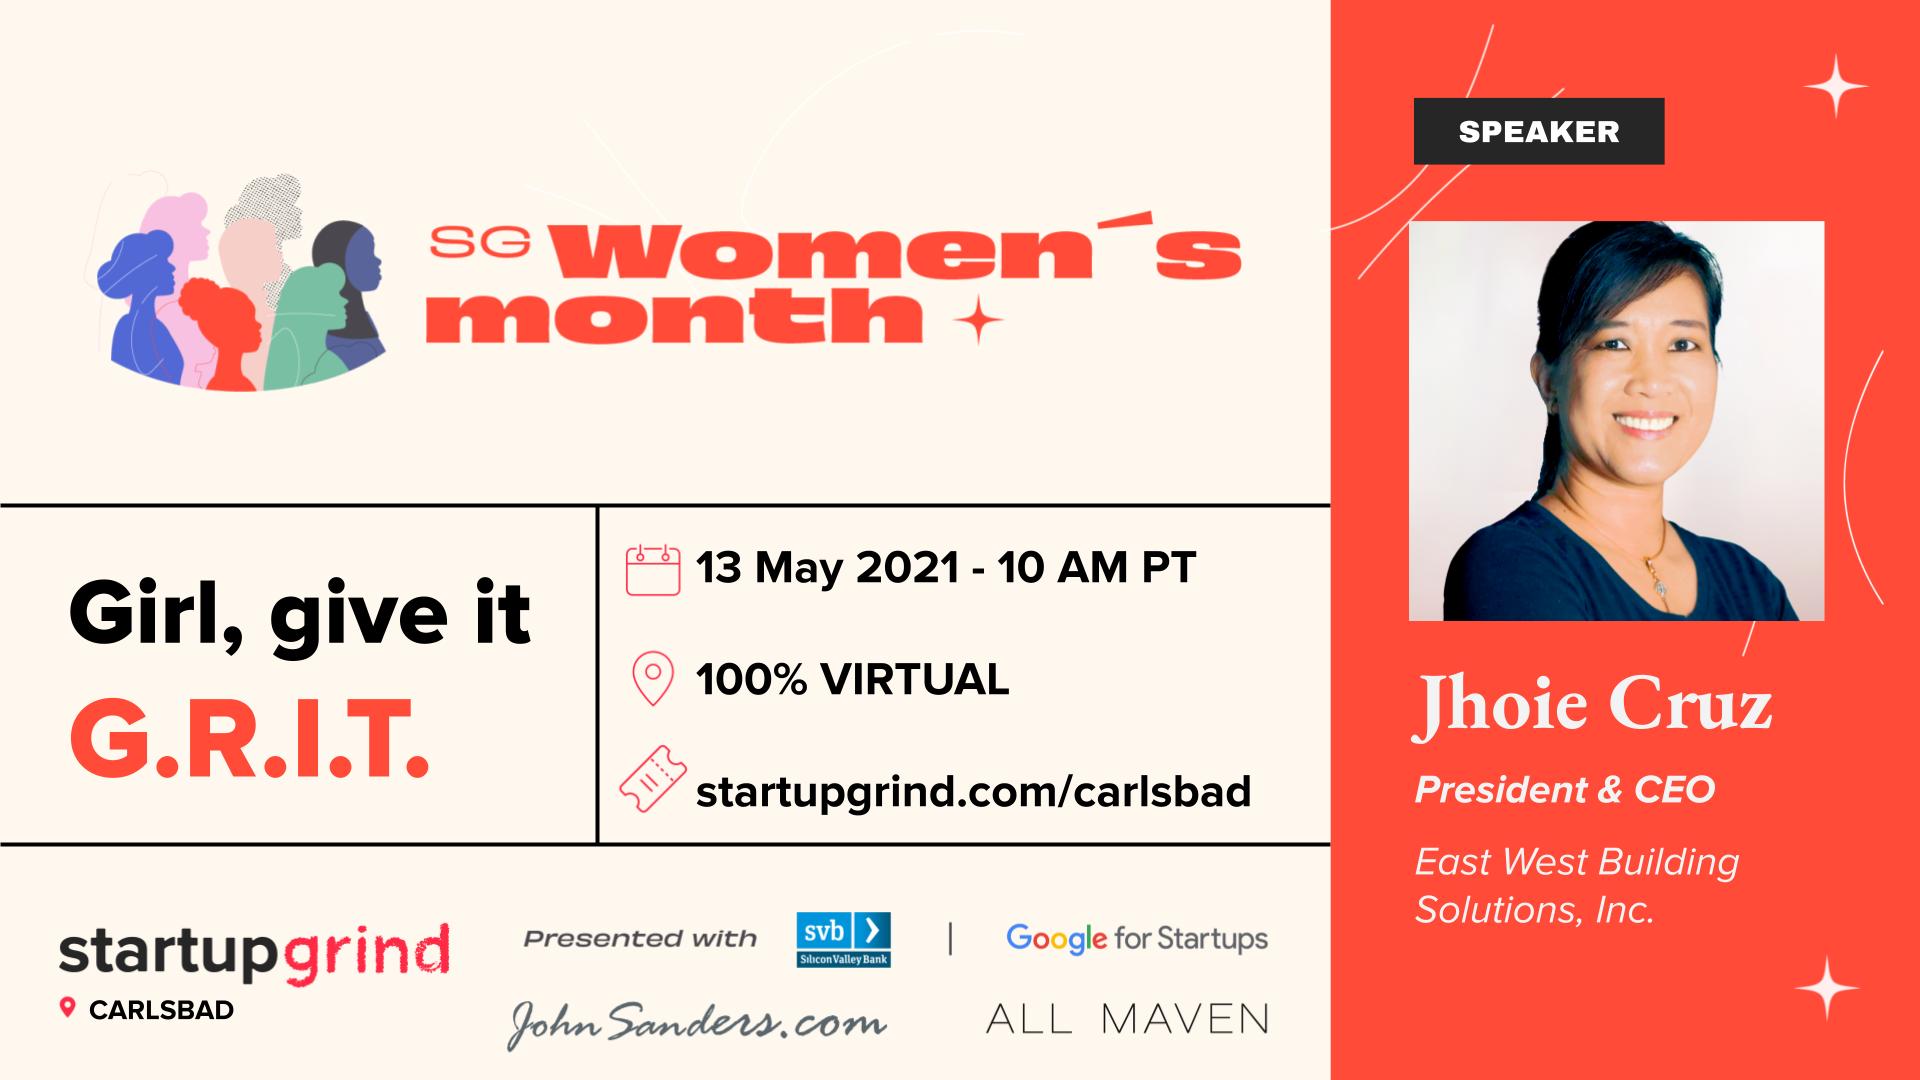 Startup Grind - Jhoie Cruz